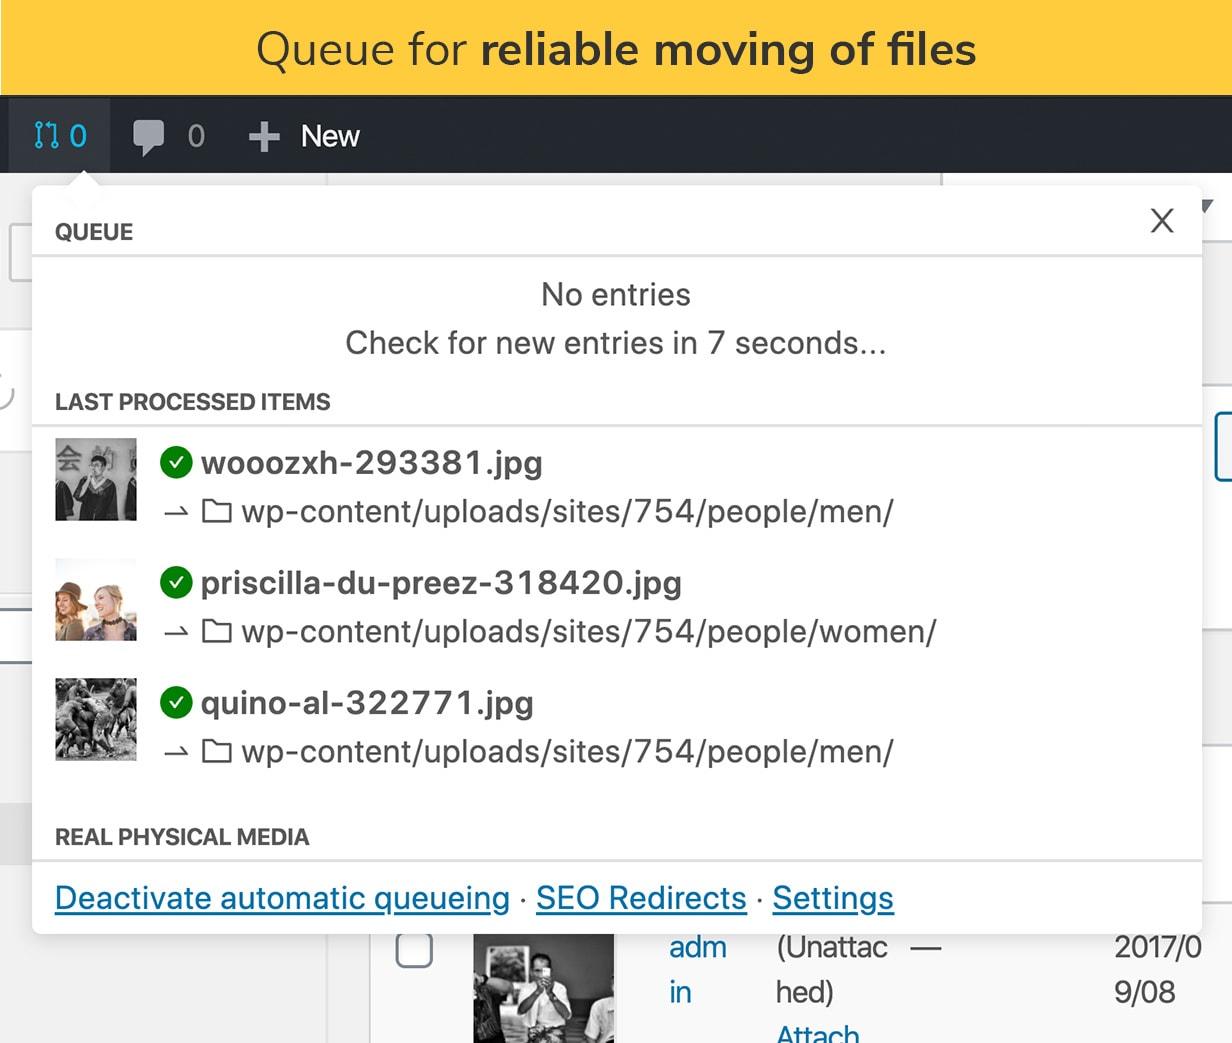 Fila para movimentação confiável de arquivos